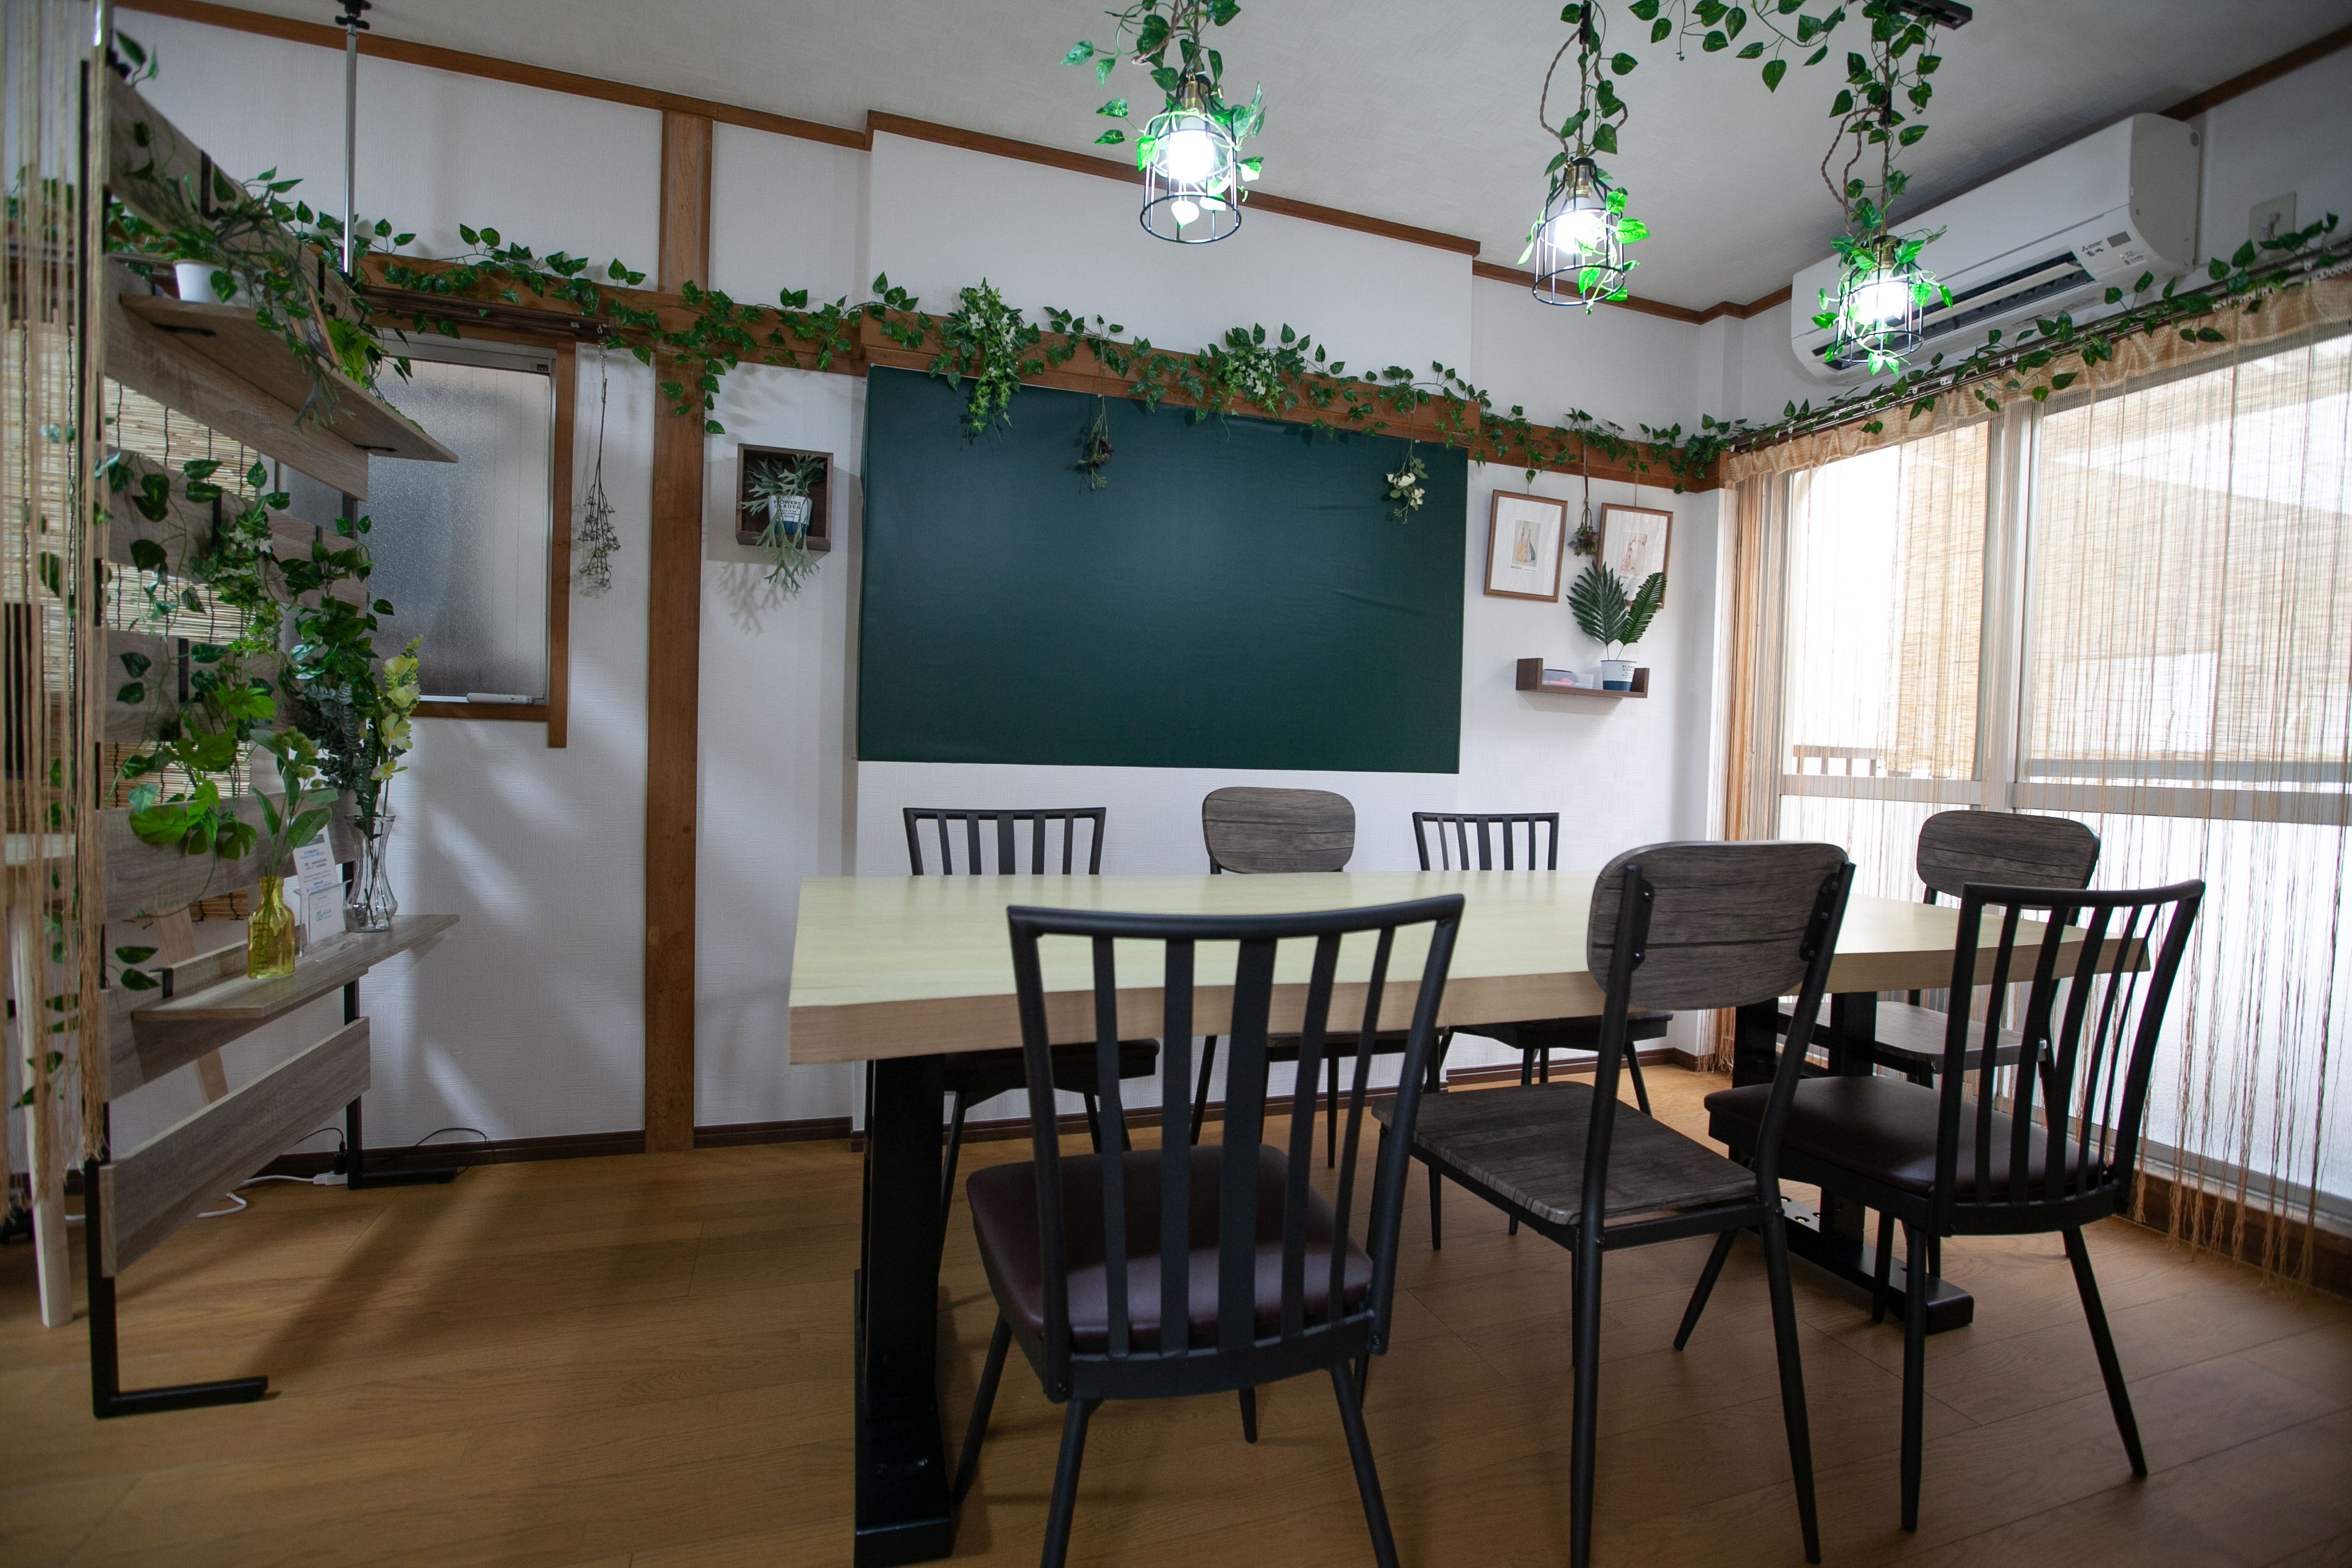 ●2階ナチュラルカフェ 古民家の面影を残す、柱と長押。 ナチュラルな木目と緑で包 - 東京・王子「アイビーカフェ王子」 2階と屋上のセットプランの室内の写真